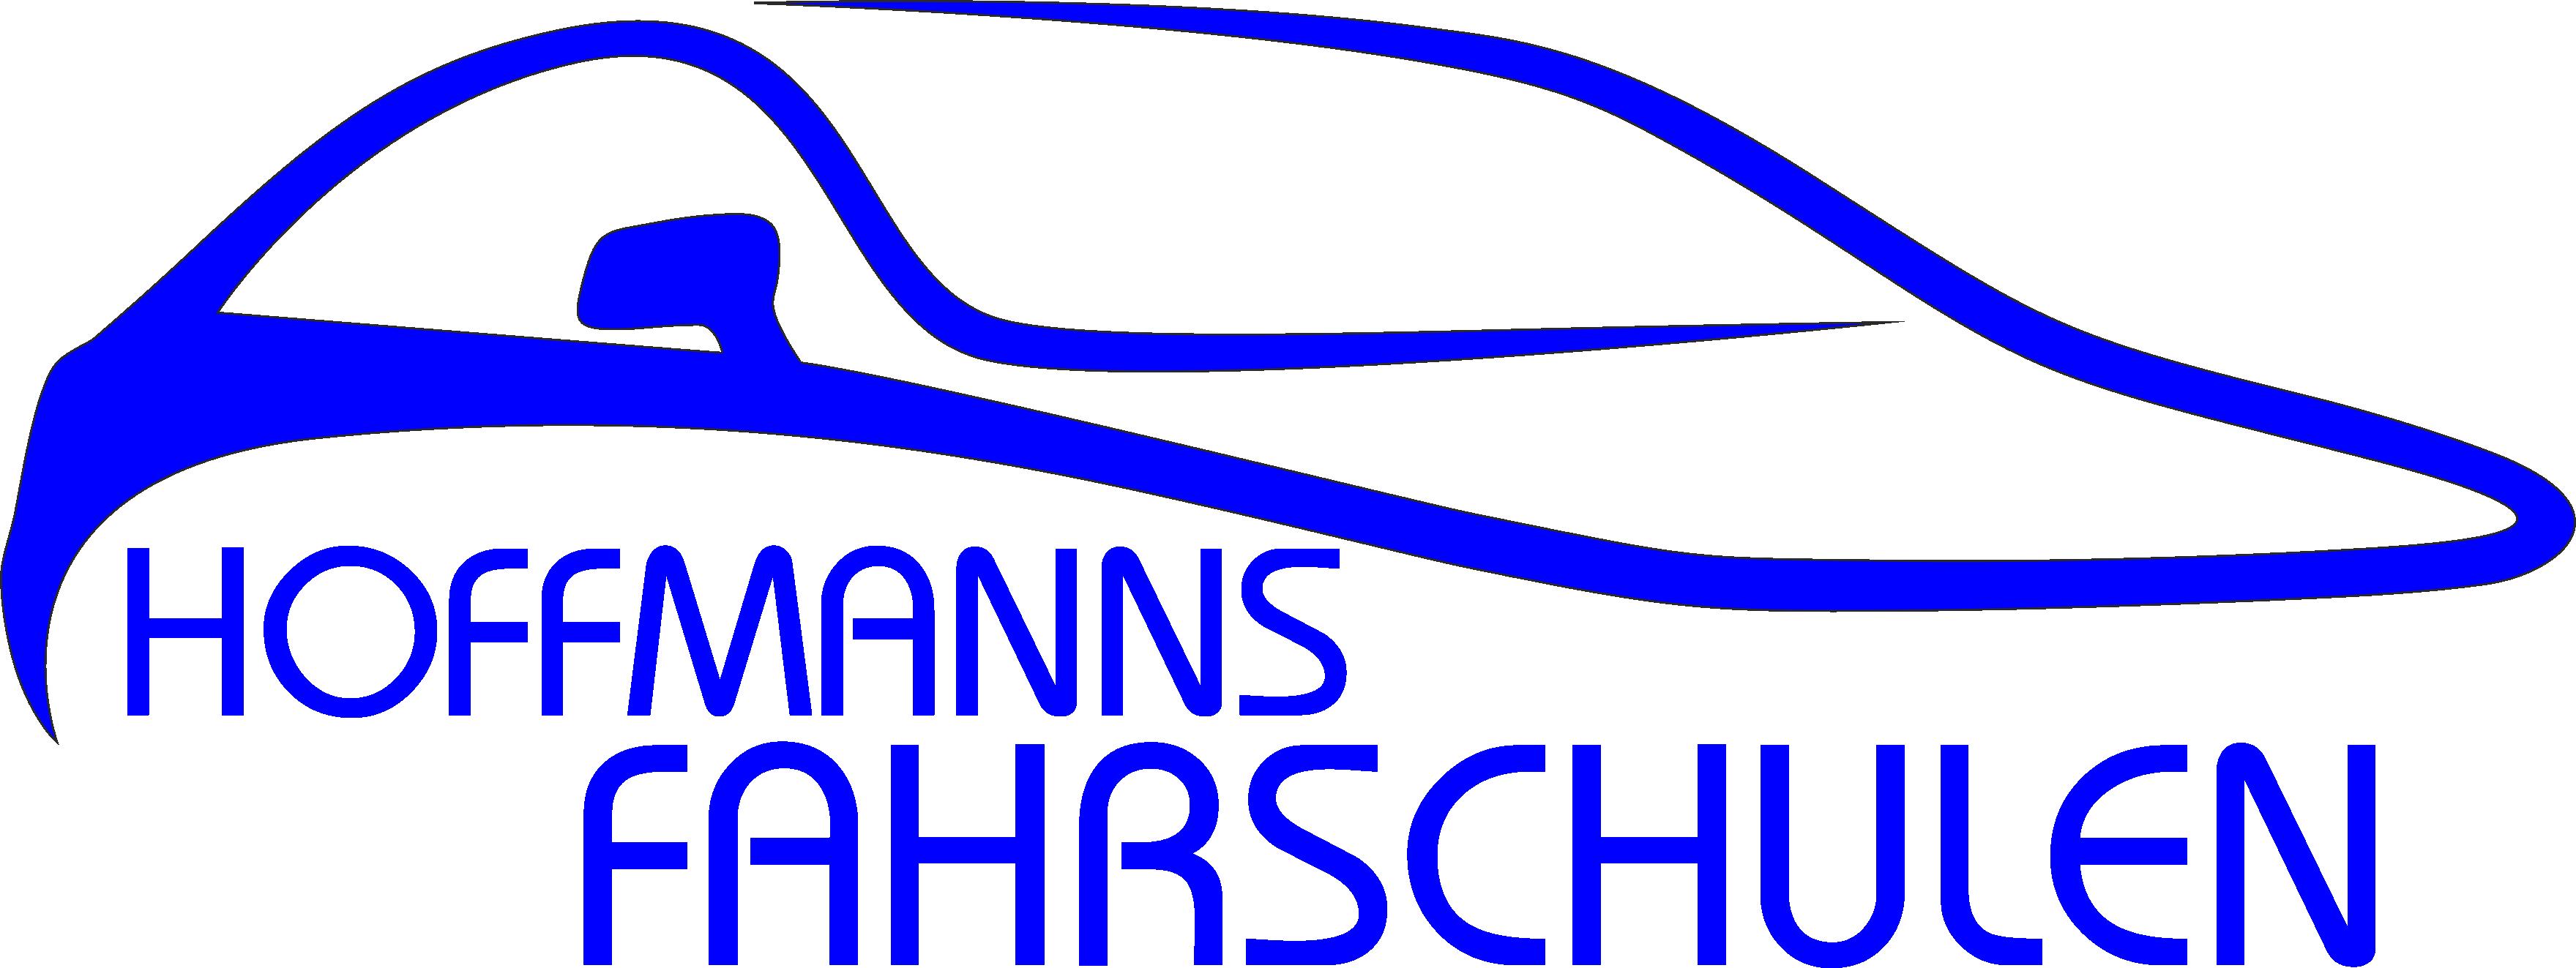 Hoffmann's Fahrschulen